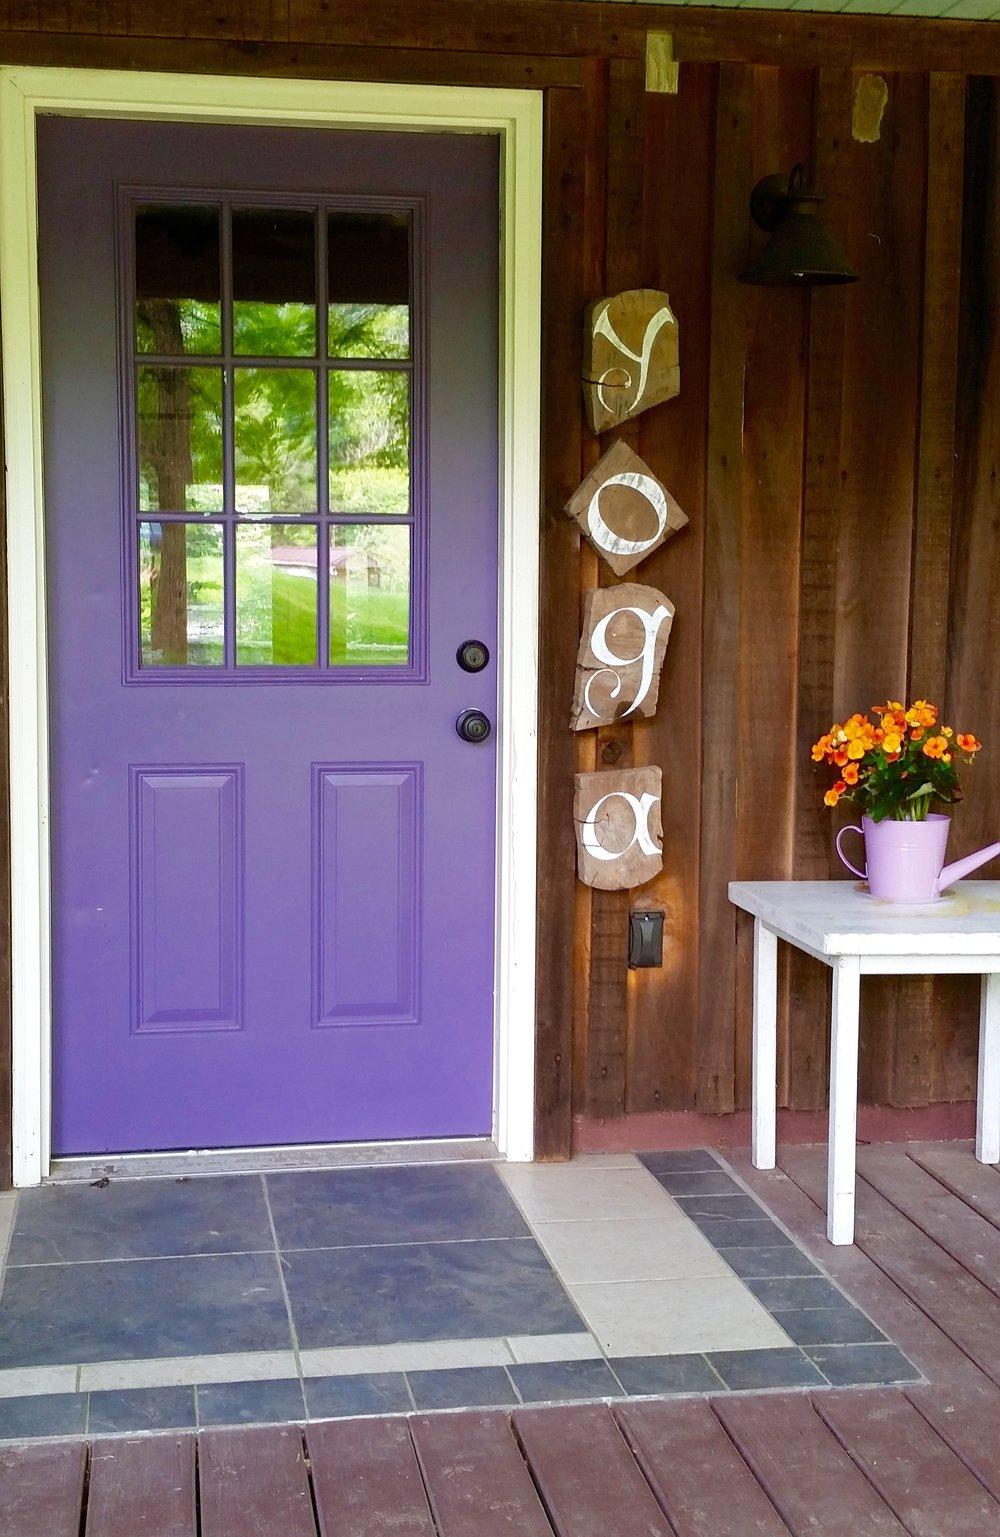 purple yoga door.jpg